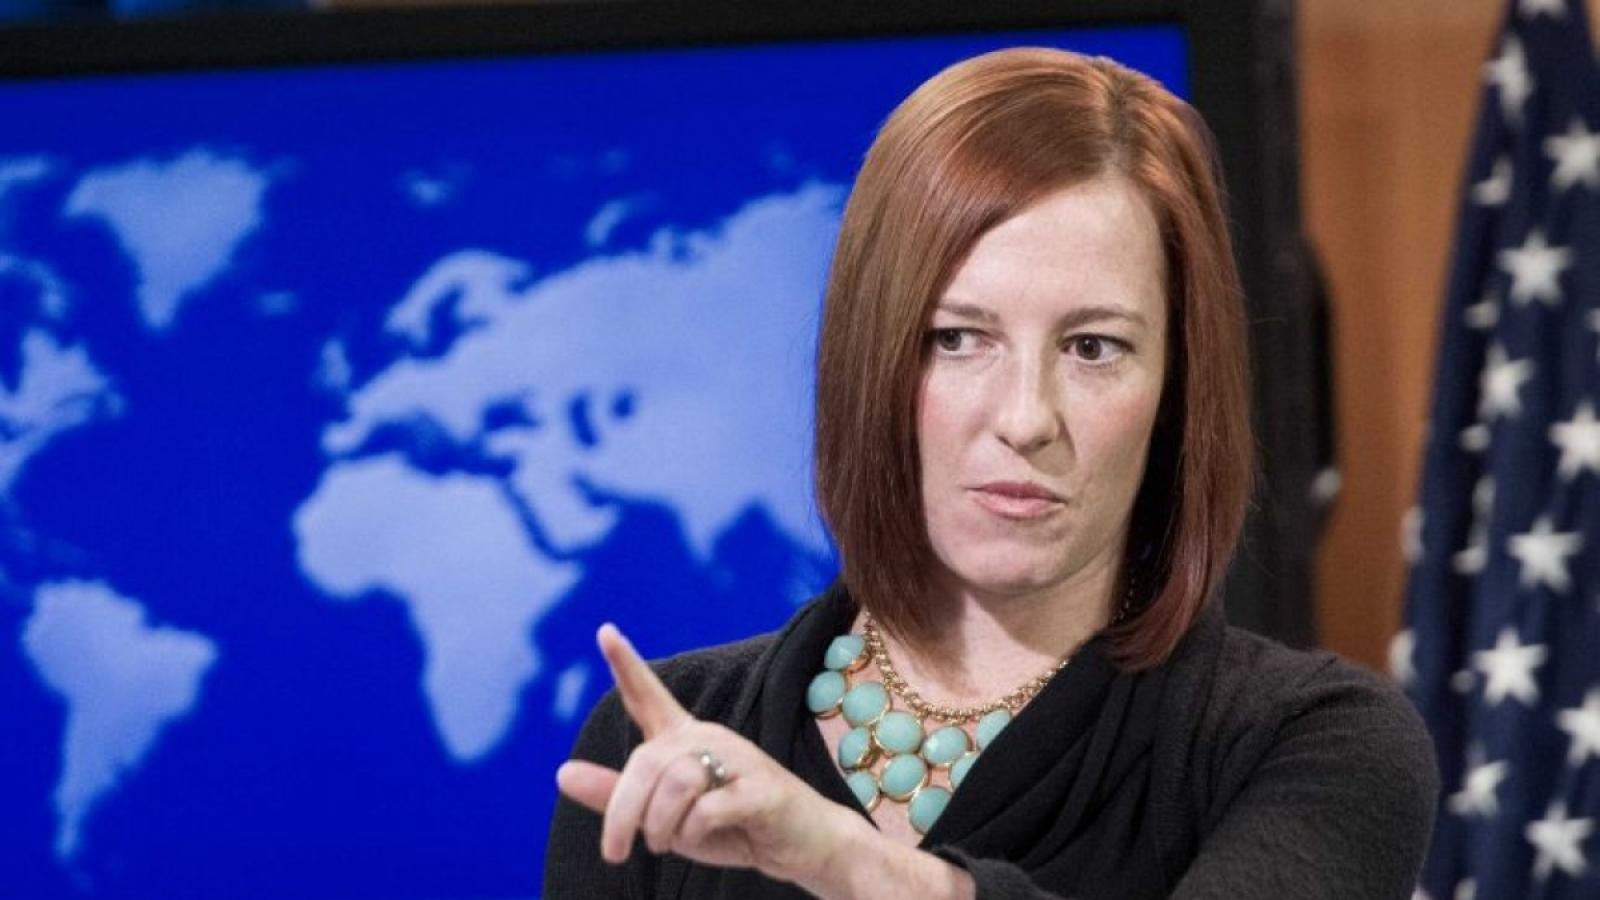 Mỹ chỉ trích Trung Quốc vì từ chối tiếp tục điều tra nguồn gốc Covid-19